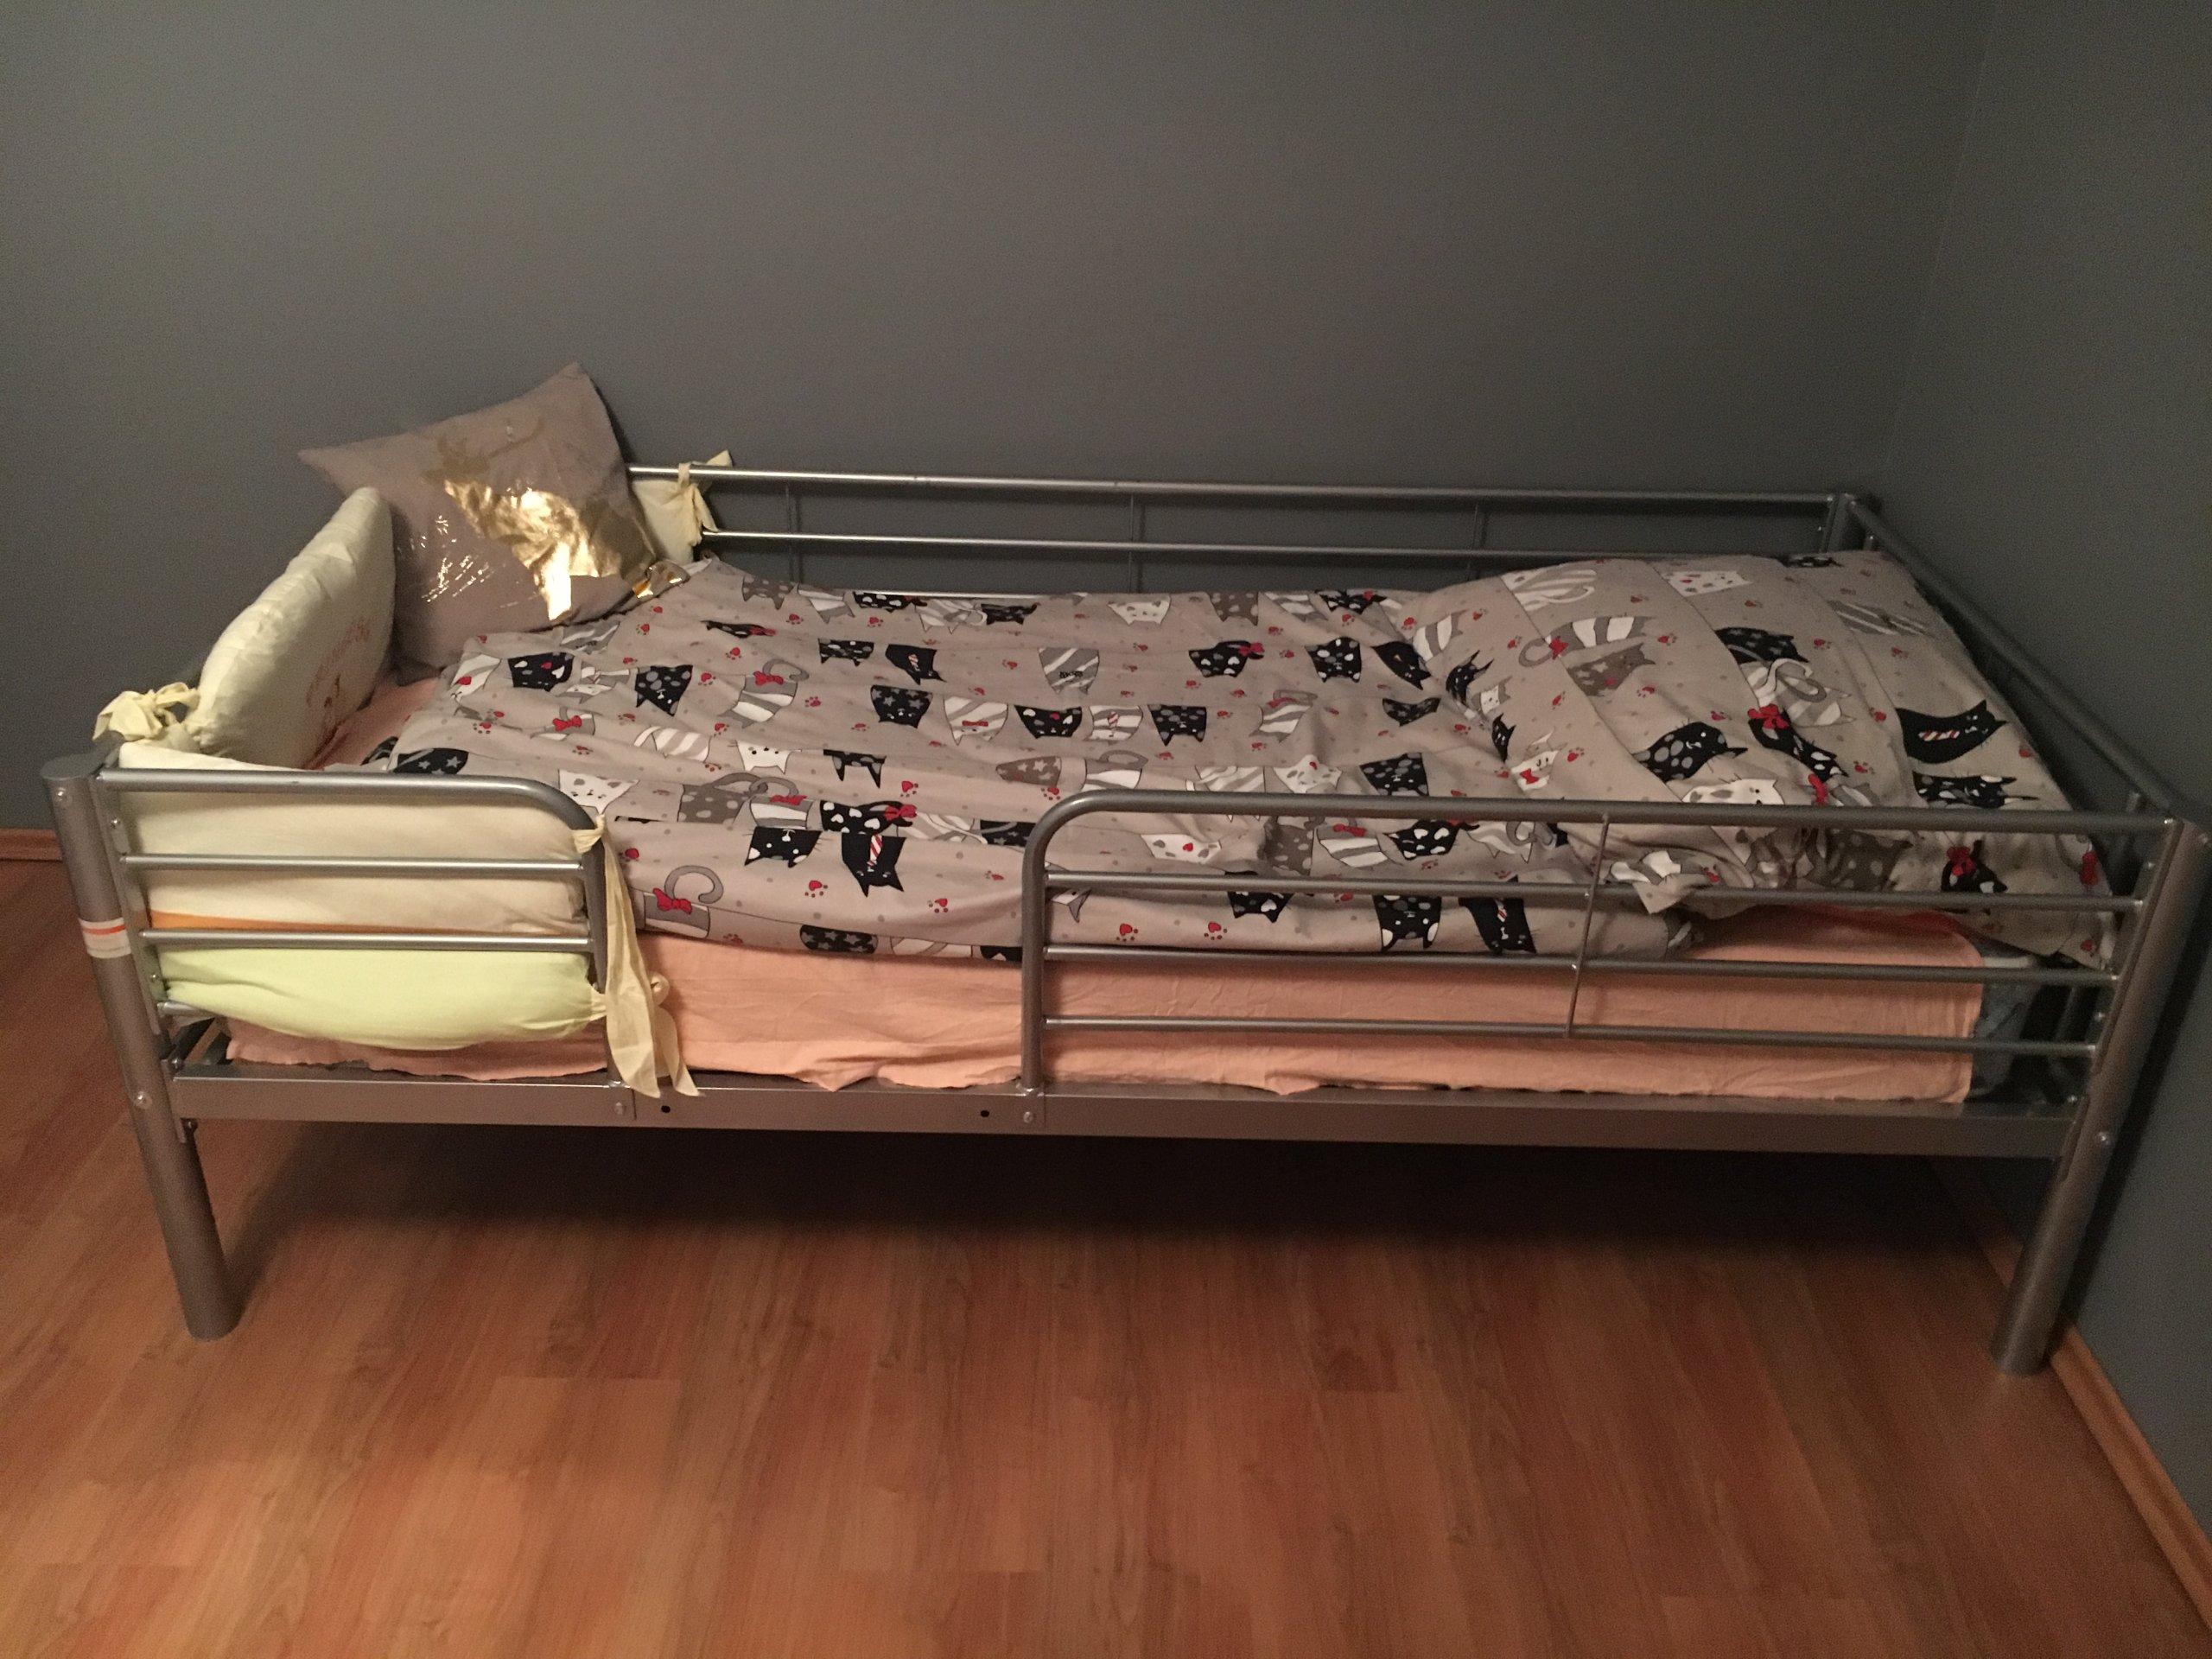 łóżko Metalowe Z Poręczą Dla Dziecka